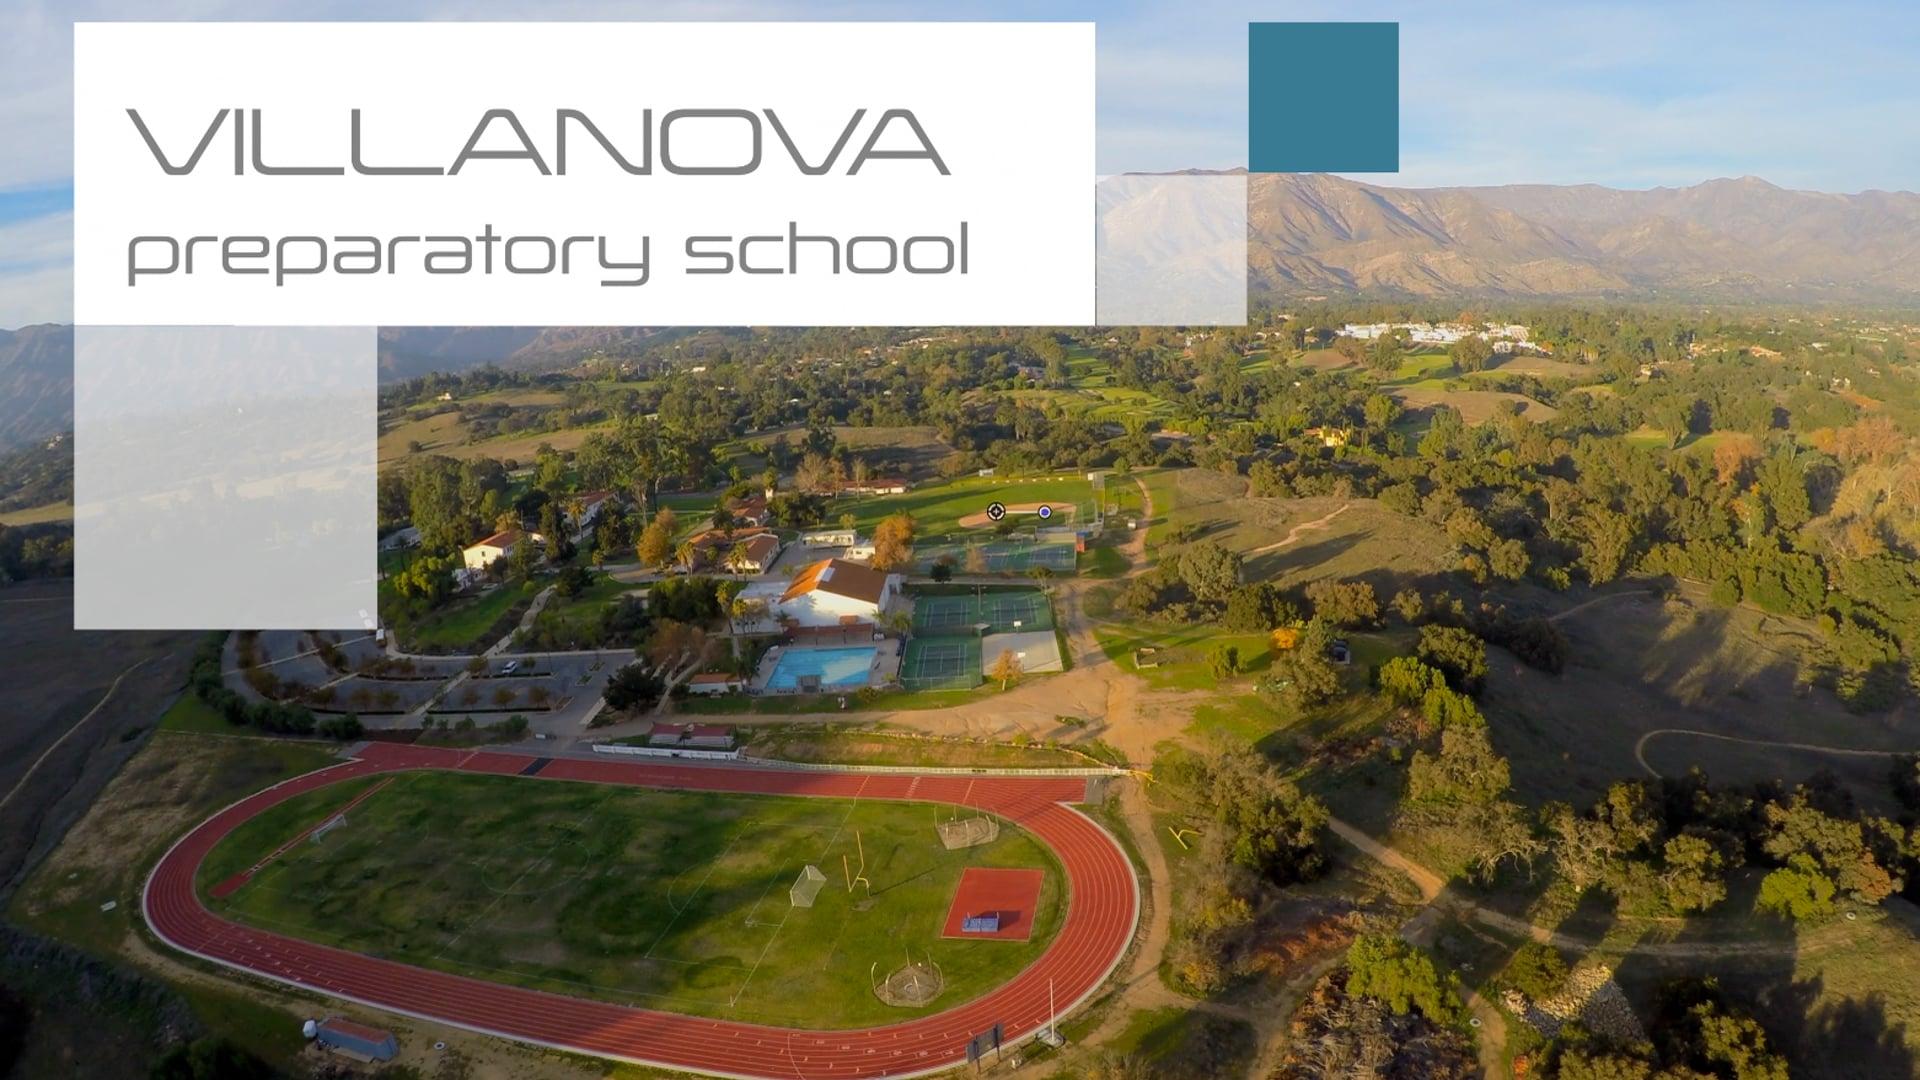 Villanova Ojai Valley Prep school 4K